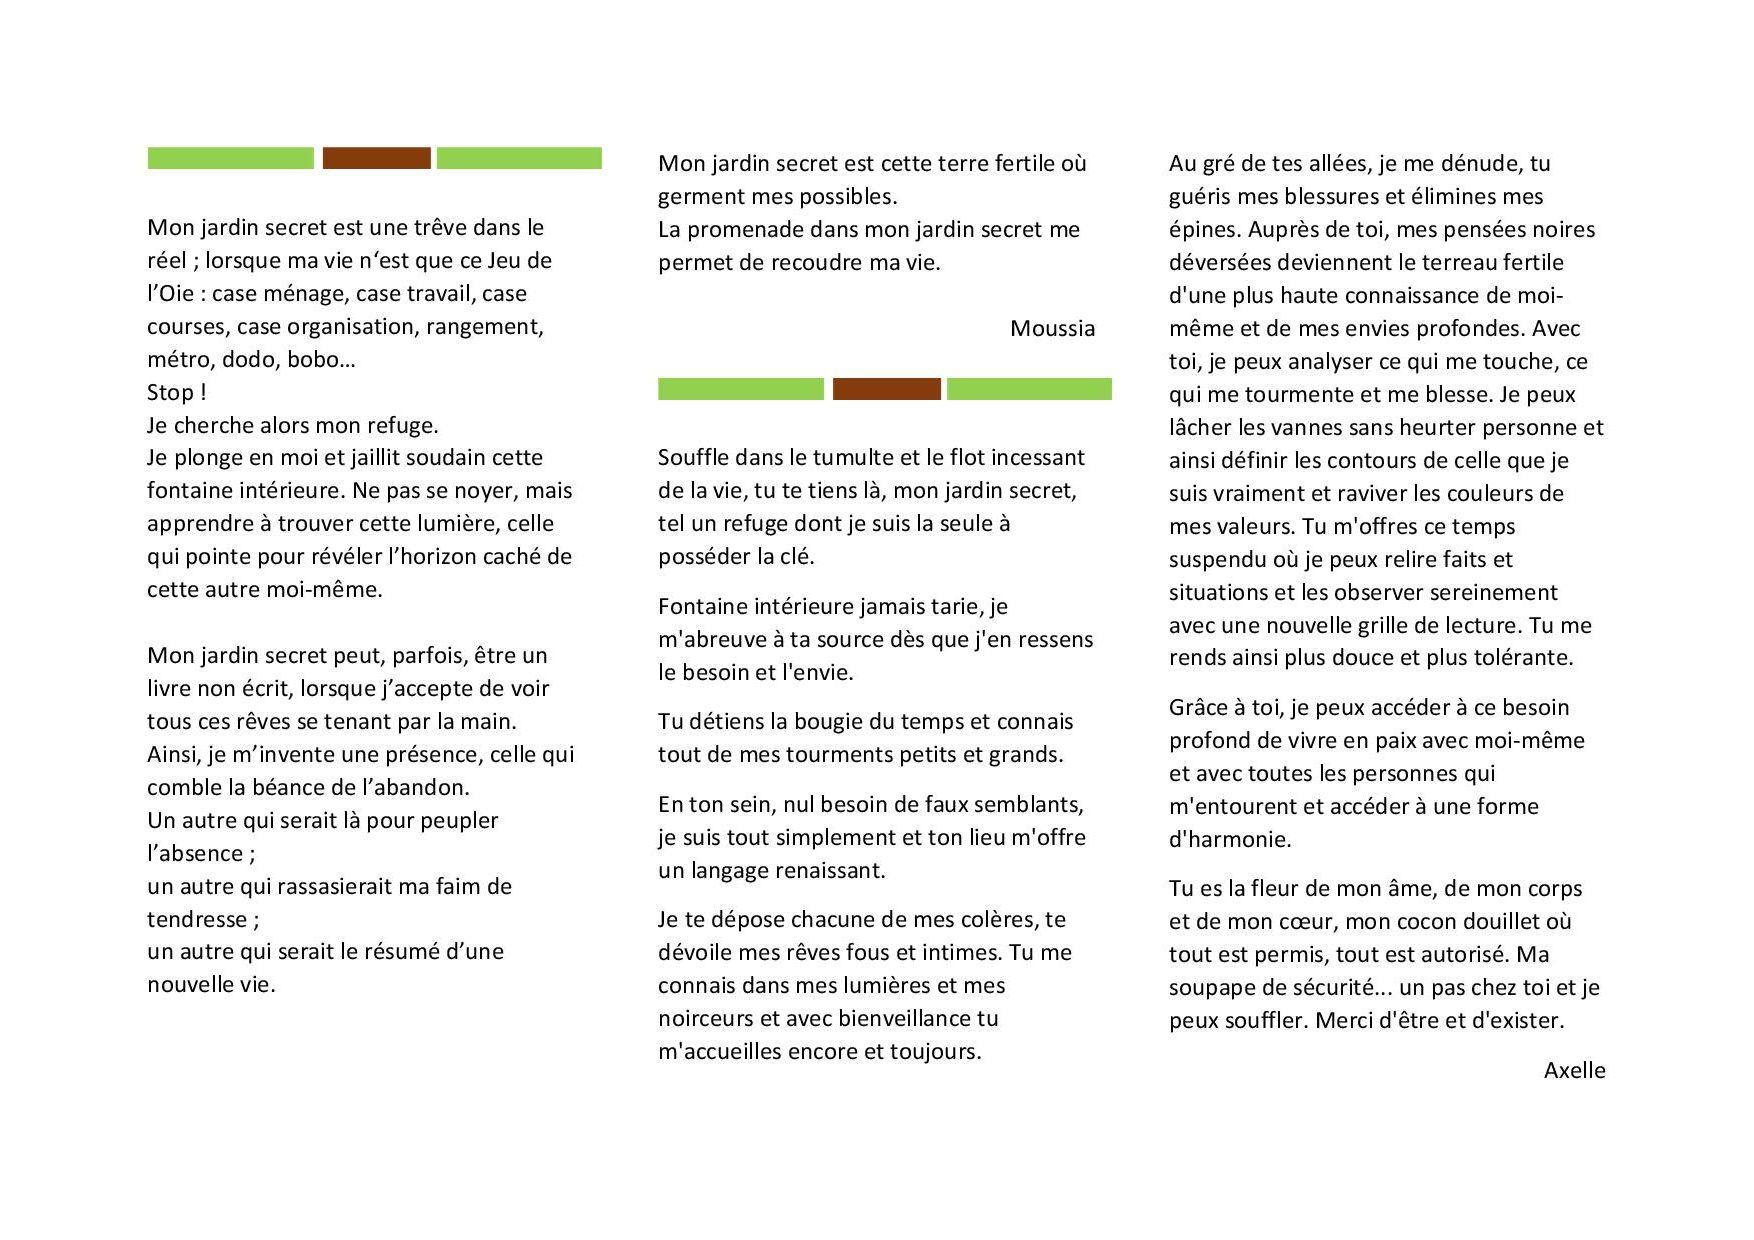 201119 le jardin secret recueil de textes3